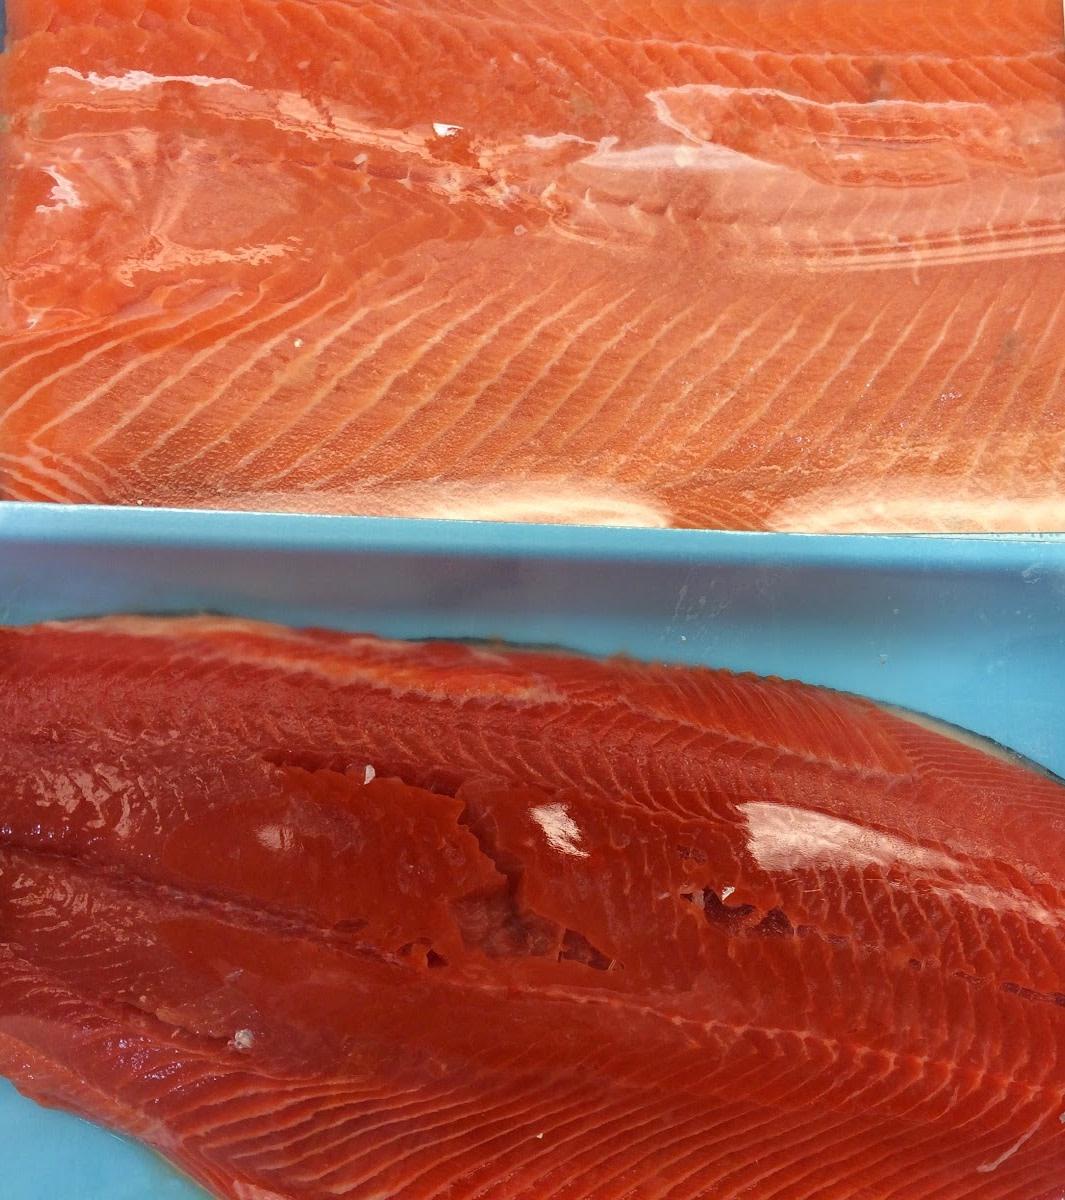 Comparison of Chum and Copper River salmon